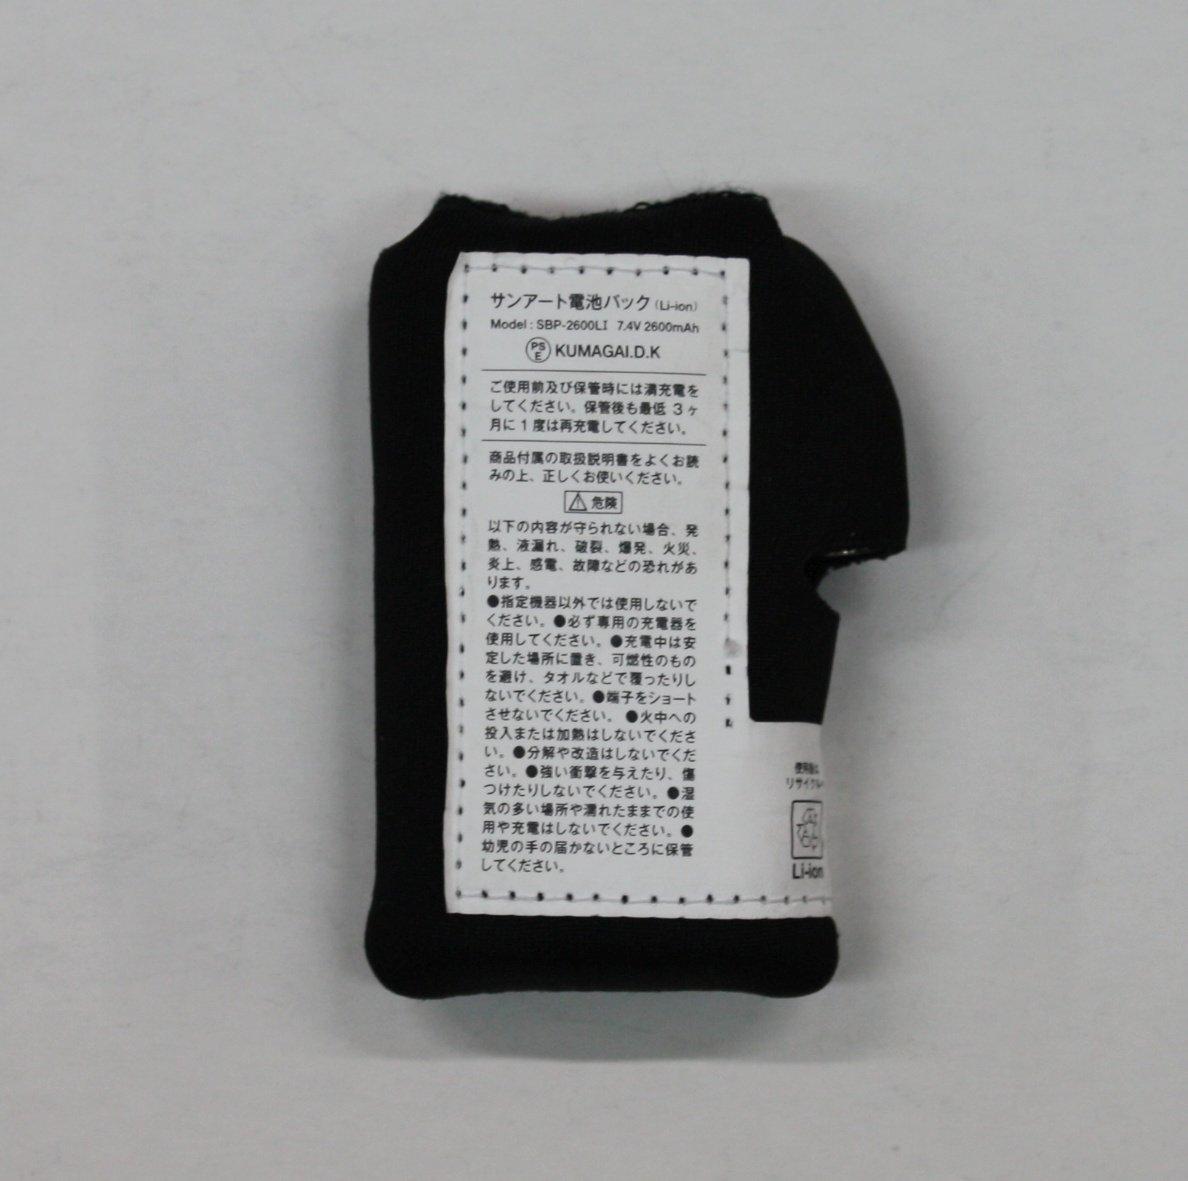 【メール便全国送料無料】KUMAGAI-DK(クマガイ電工) ベスト・ブルゾン・パンツ 手袋用バッテリーSBP-2600LI 7.4V2600mAh